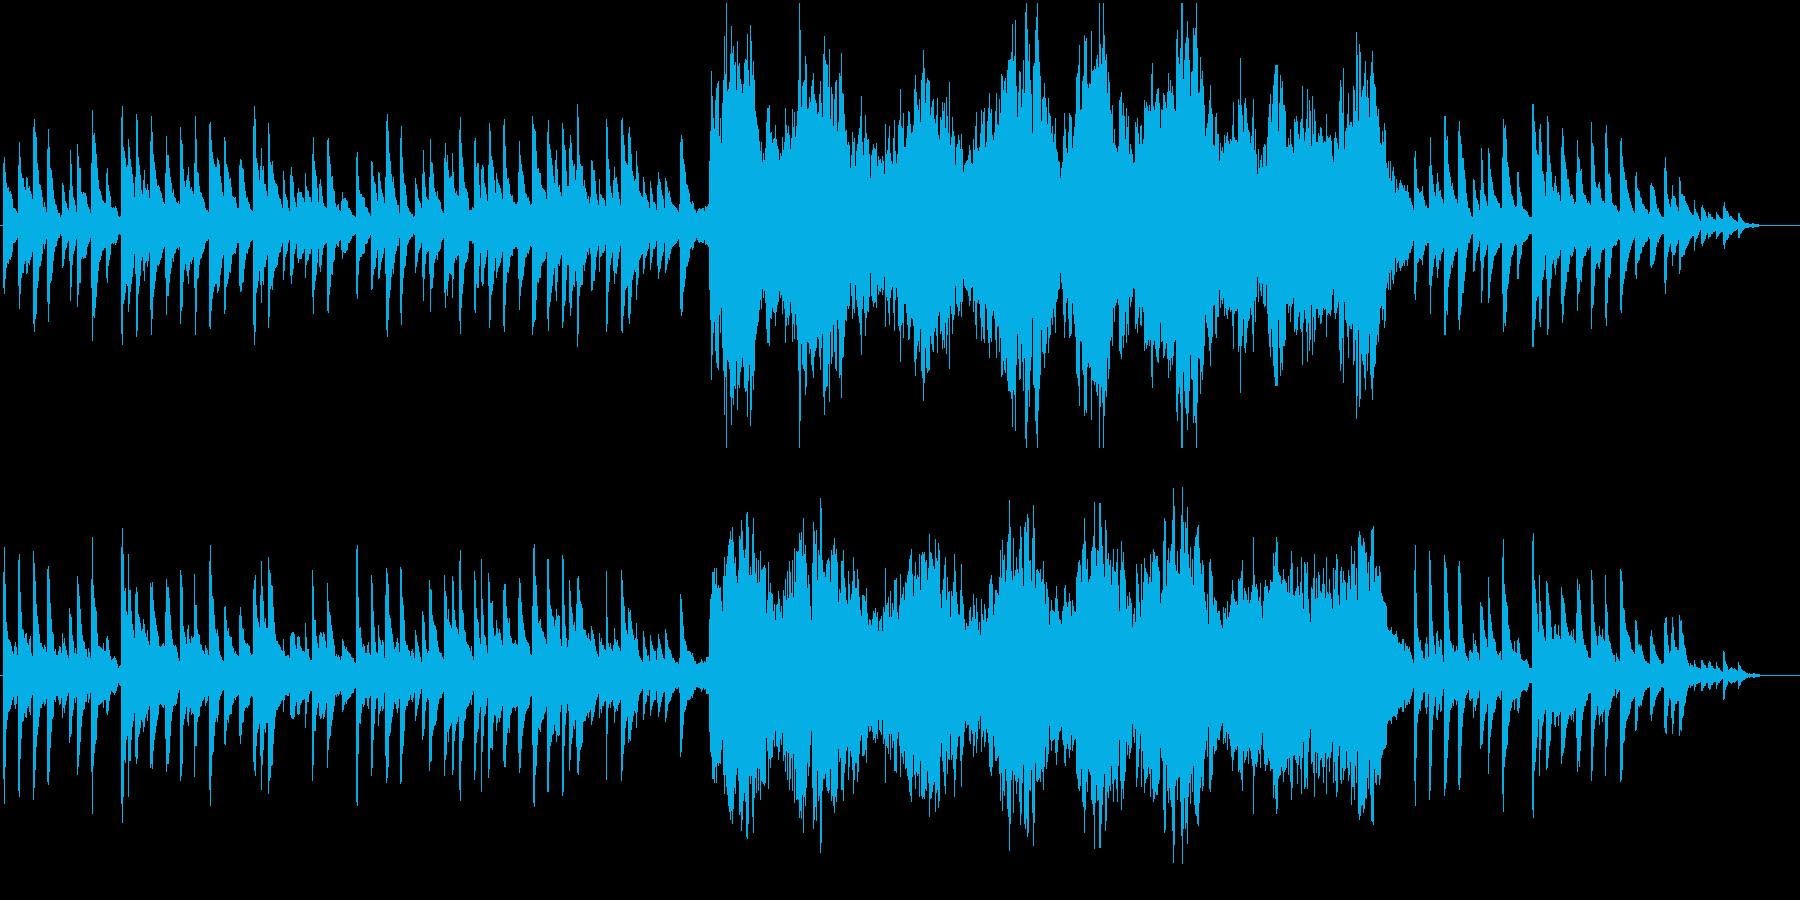 ピアノとコーラスの孤独感を感じる曲の再生済みの波形